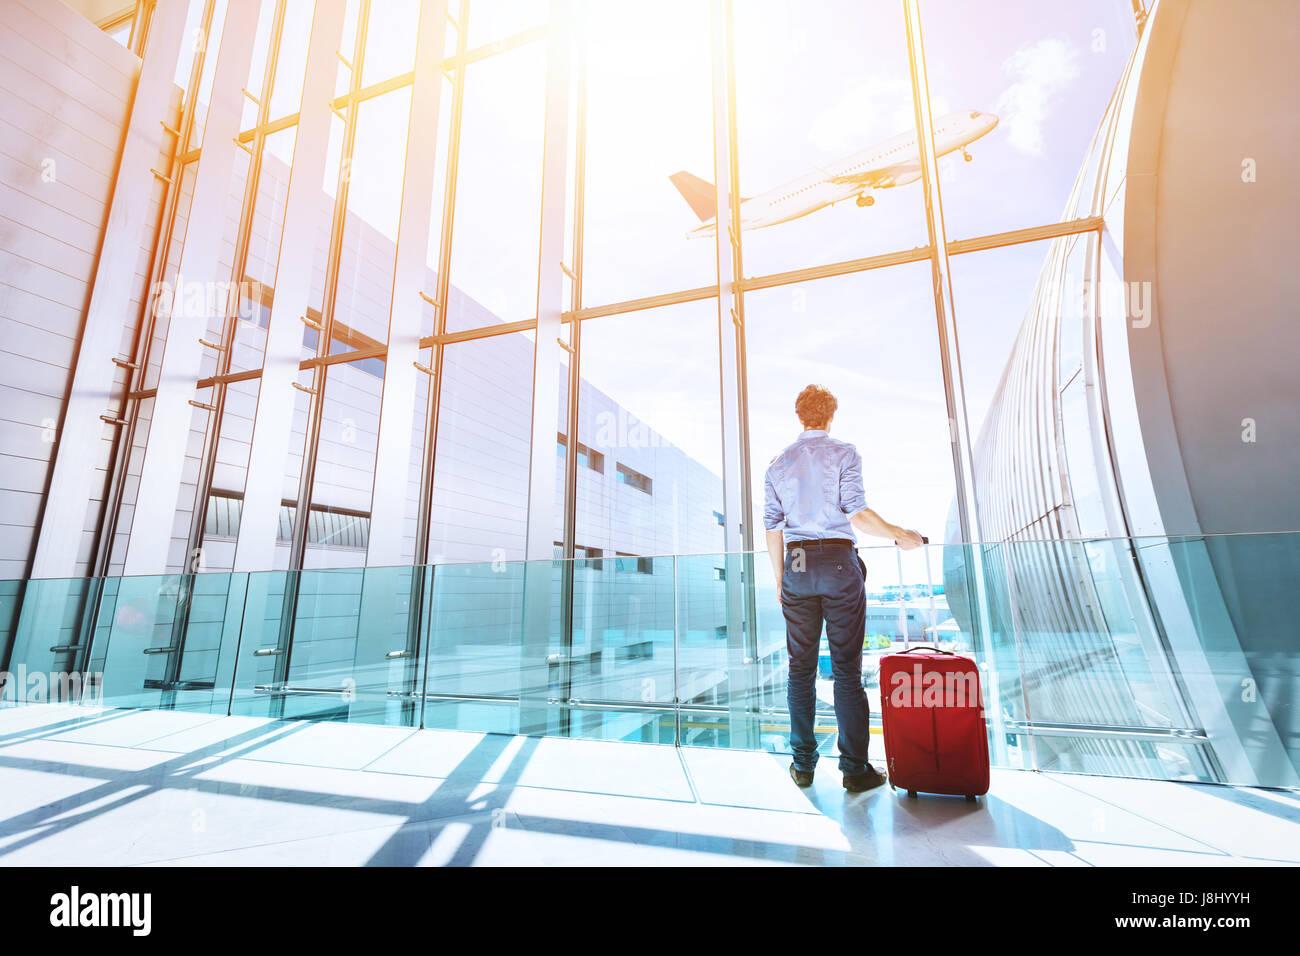 Imprenditore all'aeroporto terminale gate di imbarco guardando aereo attraverso la finestra Foto Stock